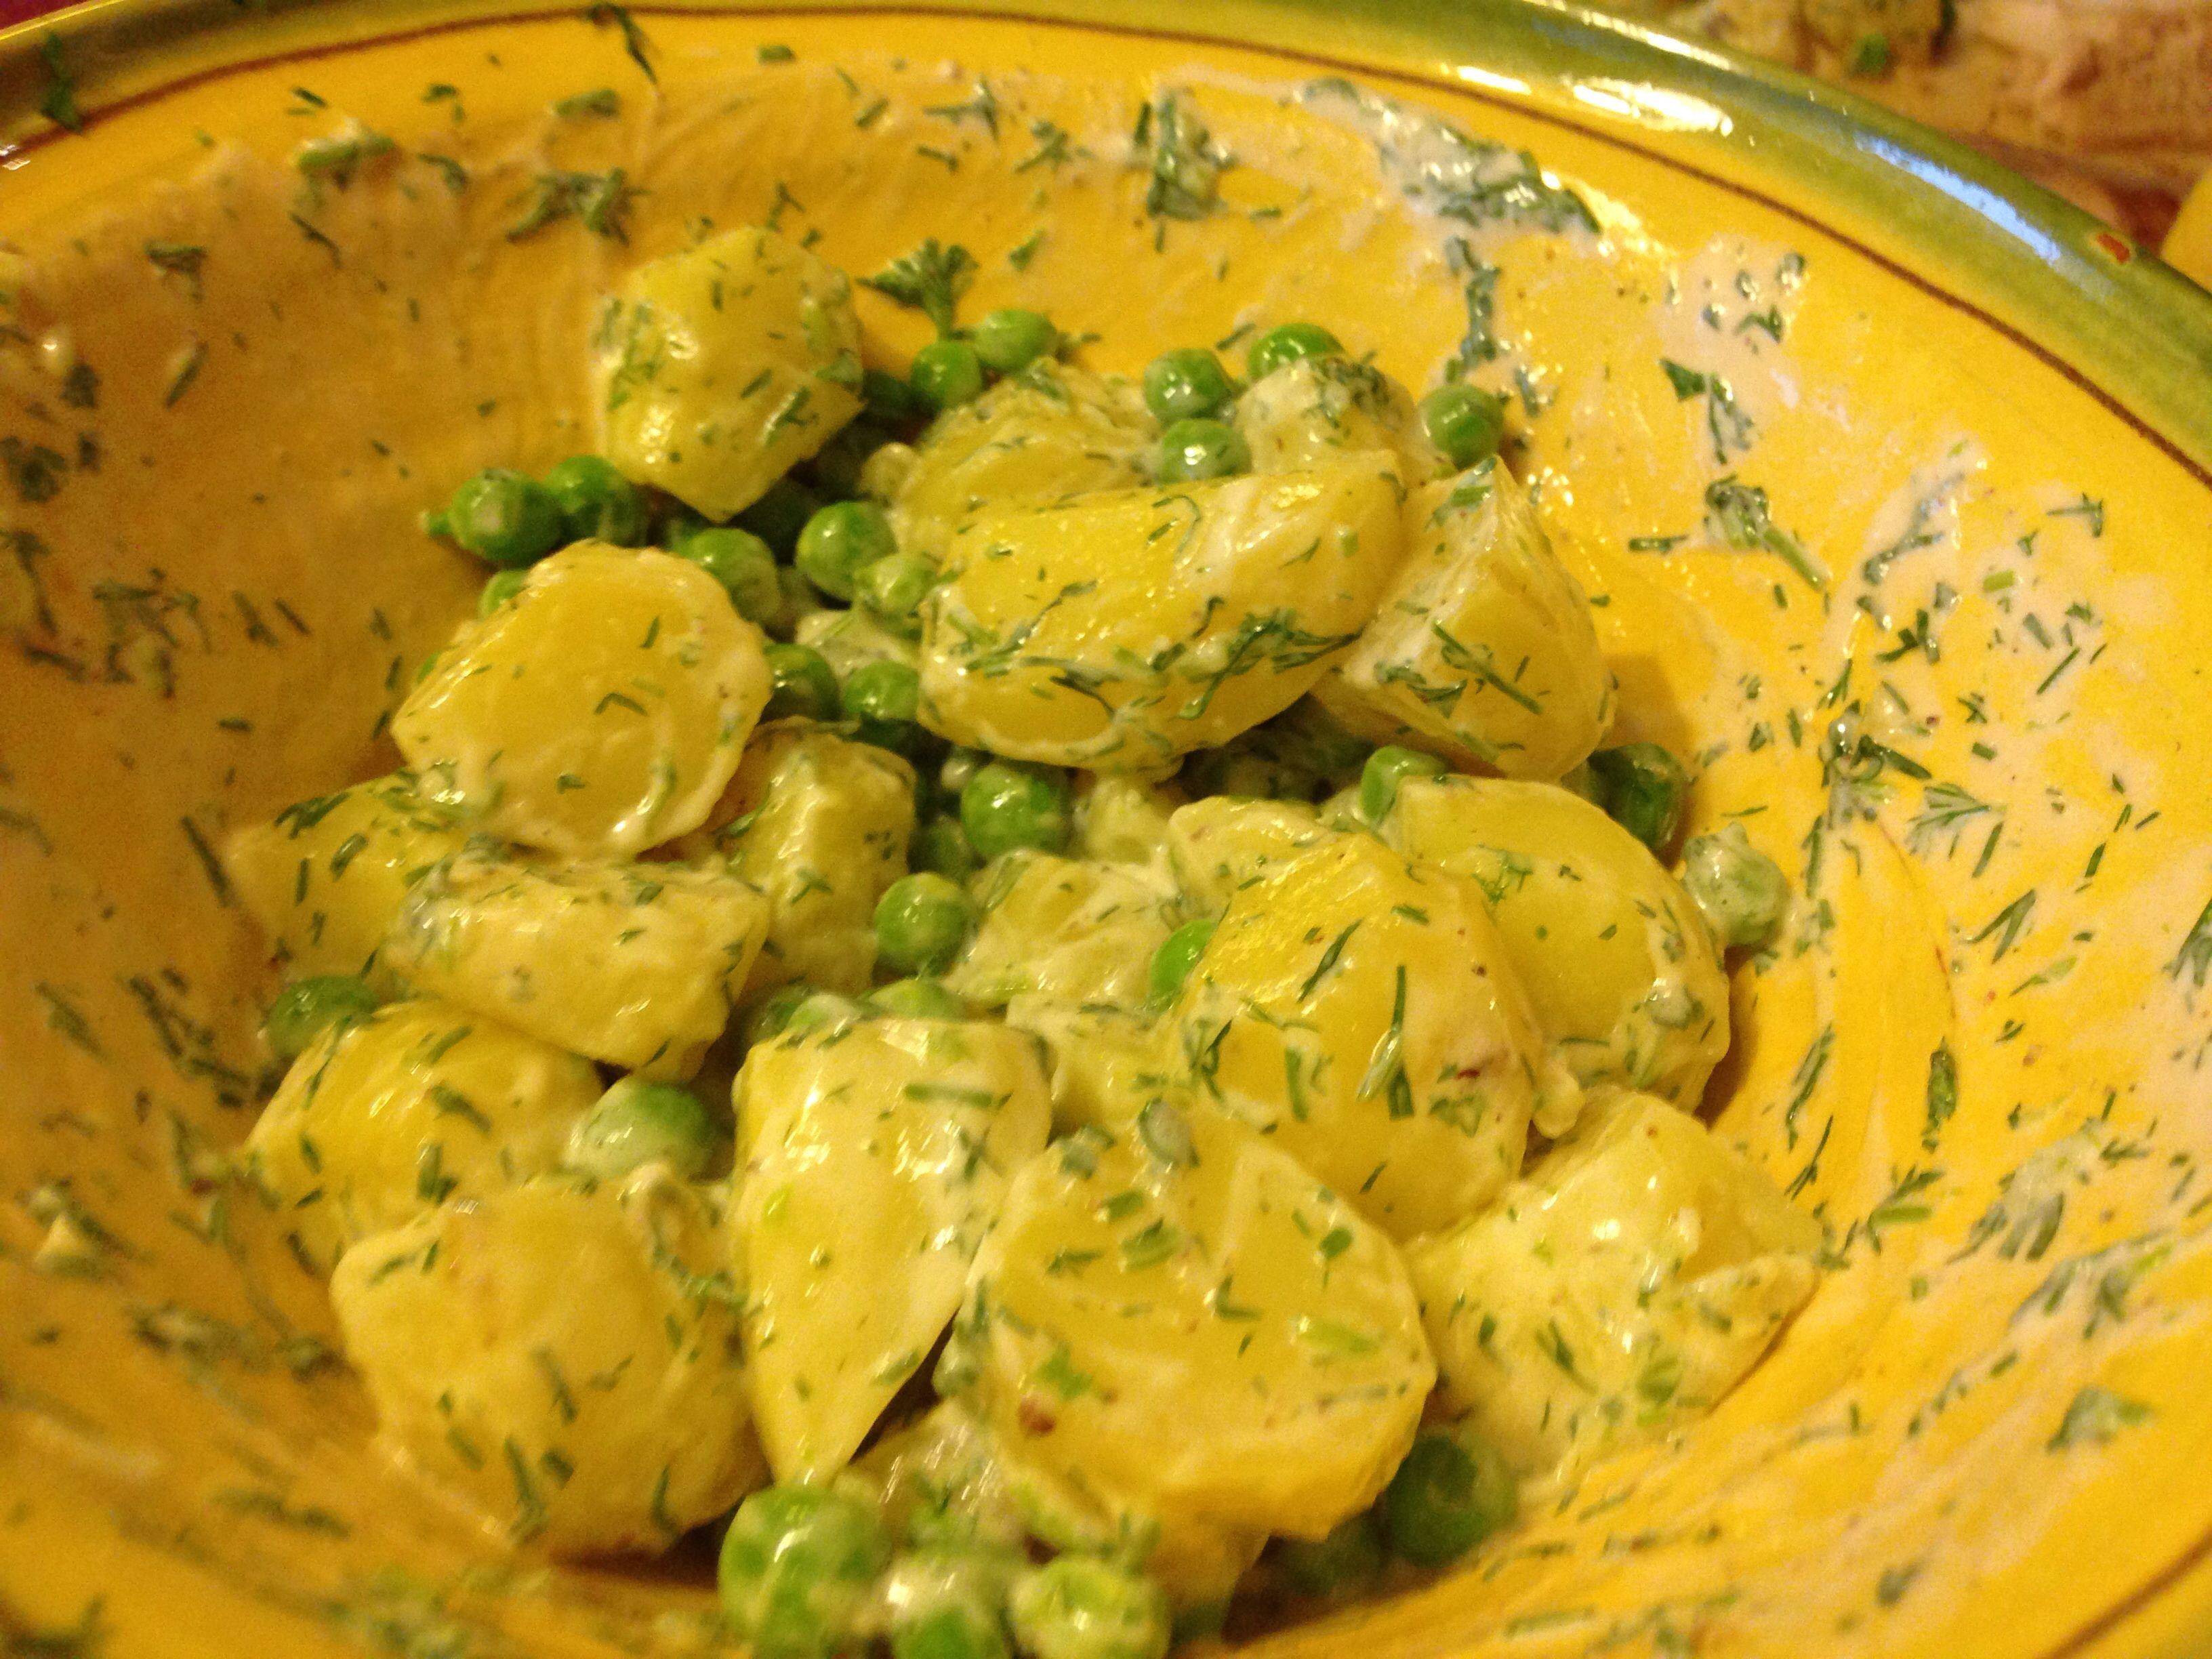 Wat een aardappelsalade mer verse erwten en Dille!